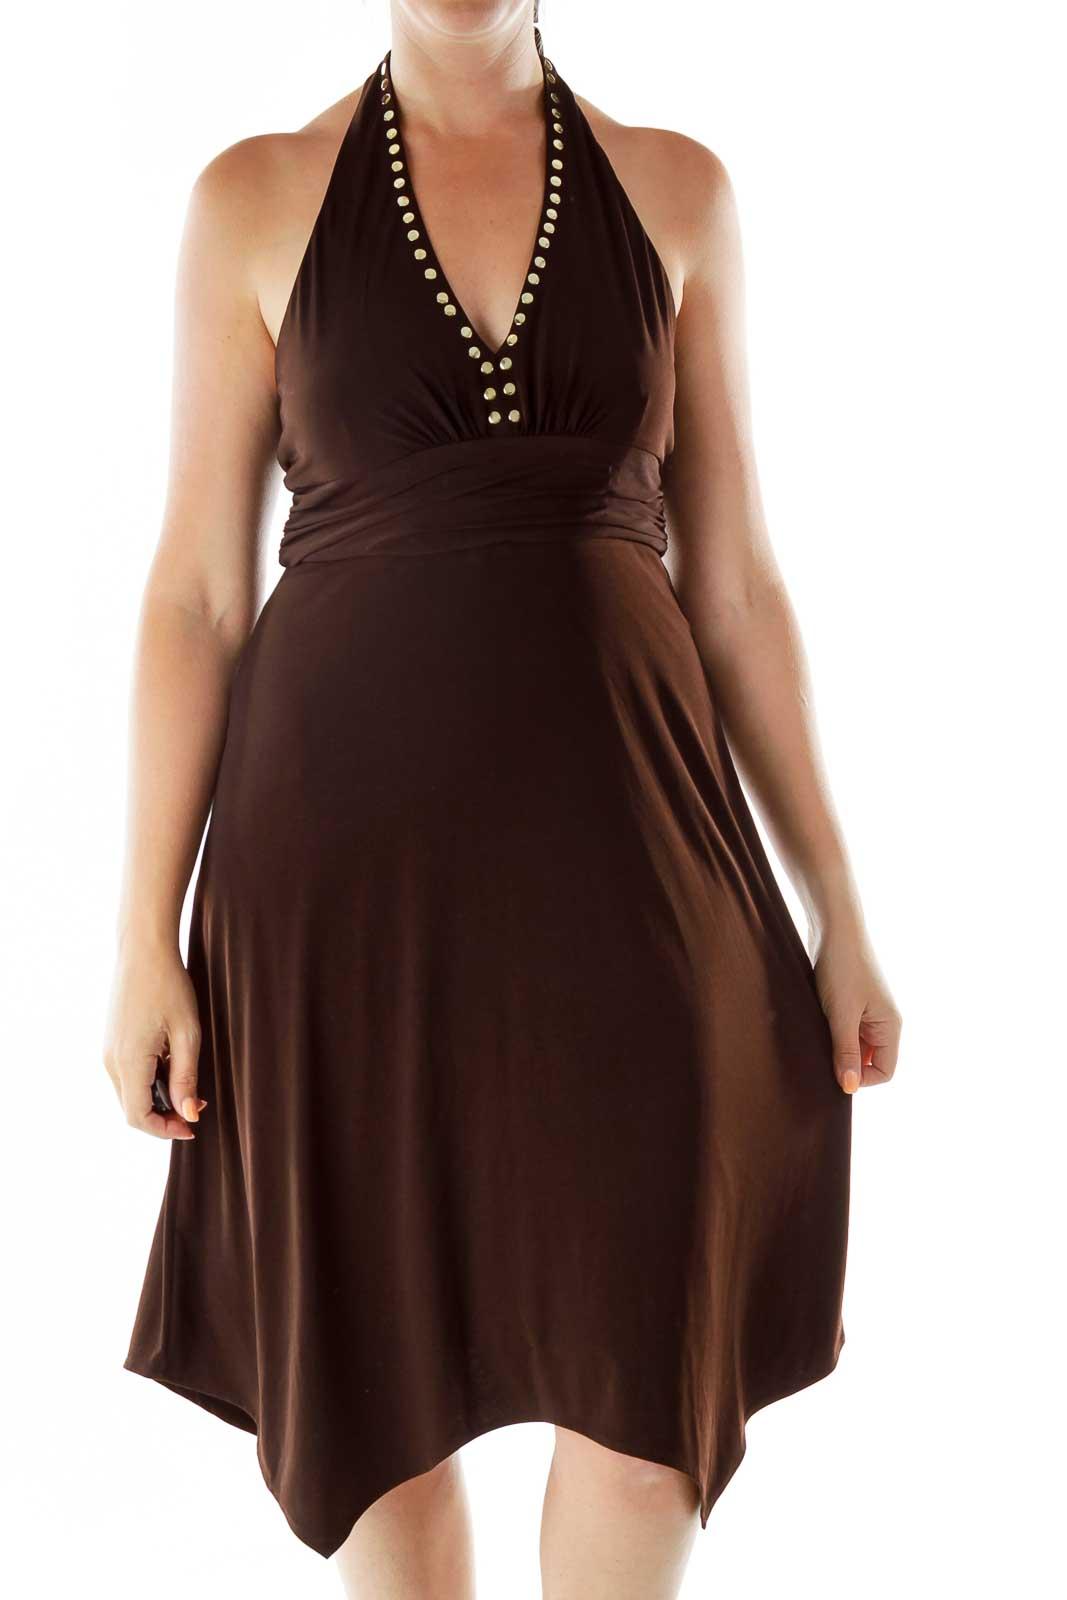 Brown Studded Halter Dress Front